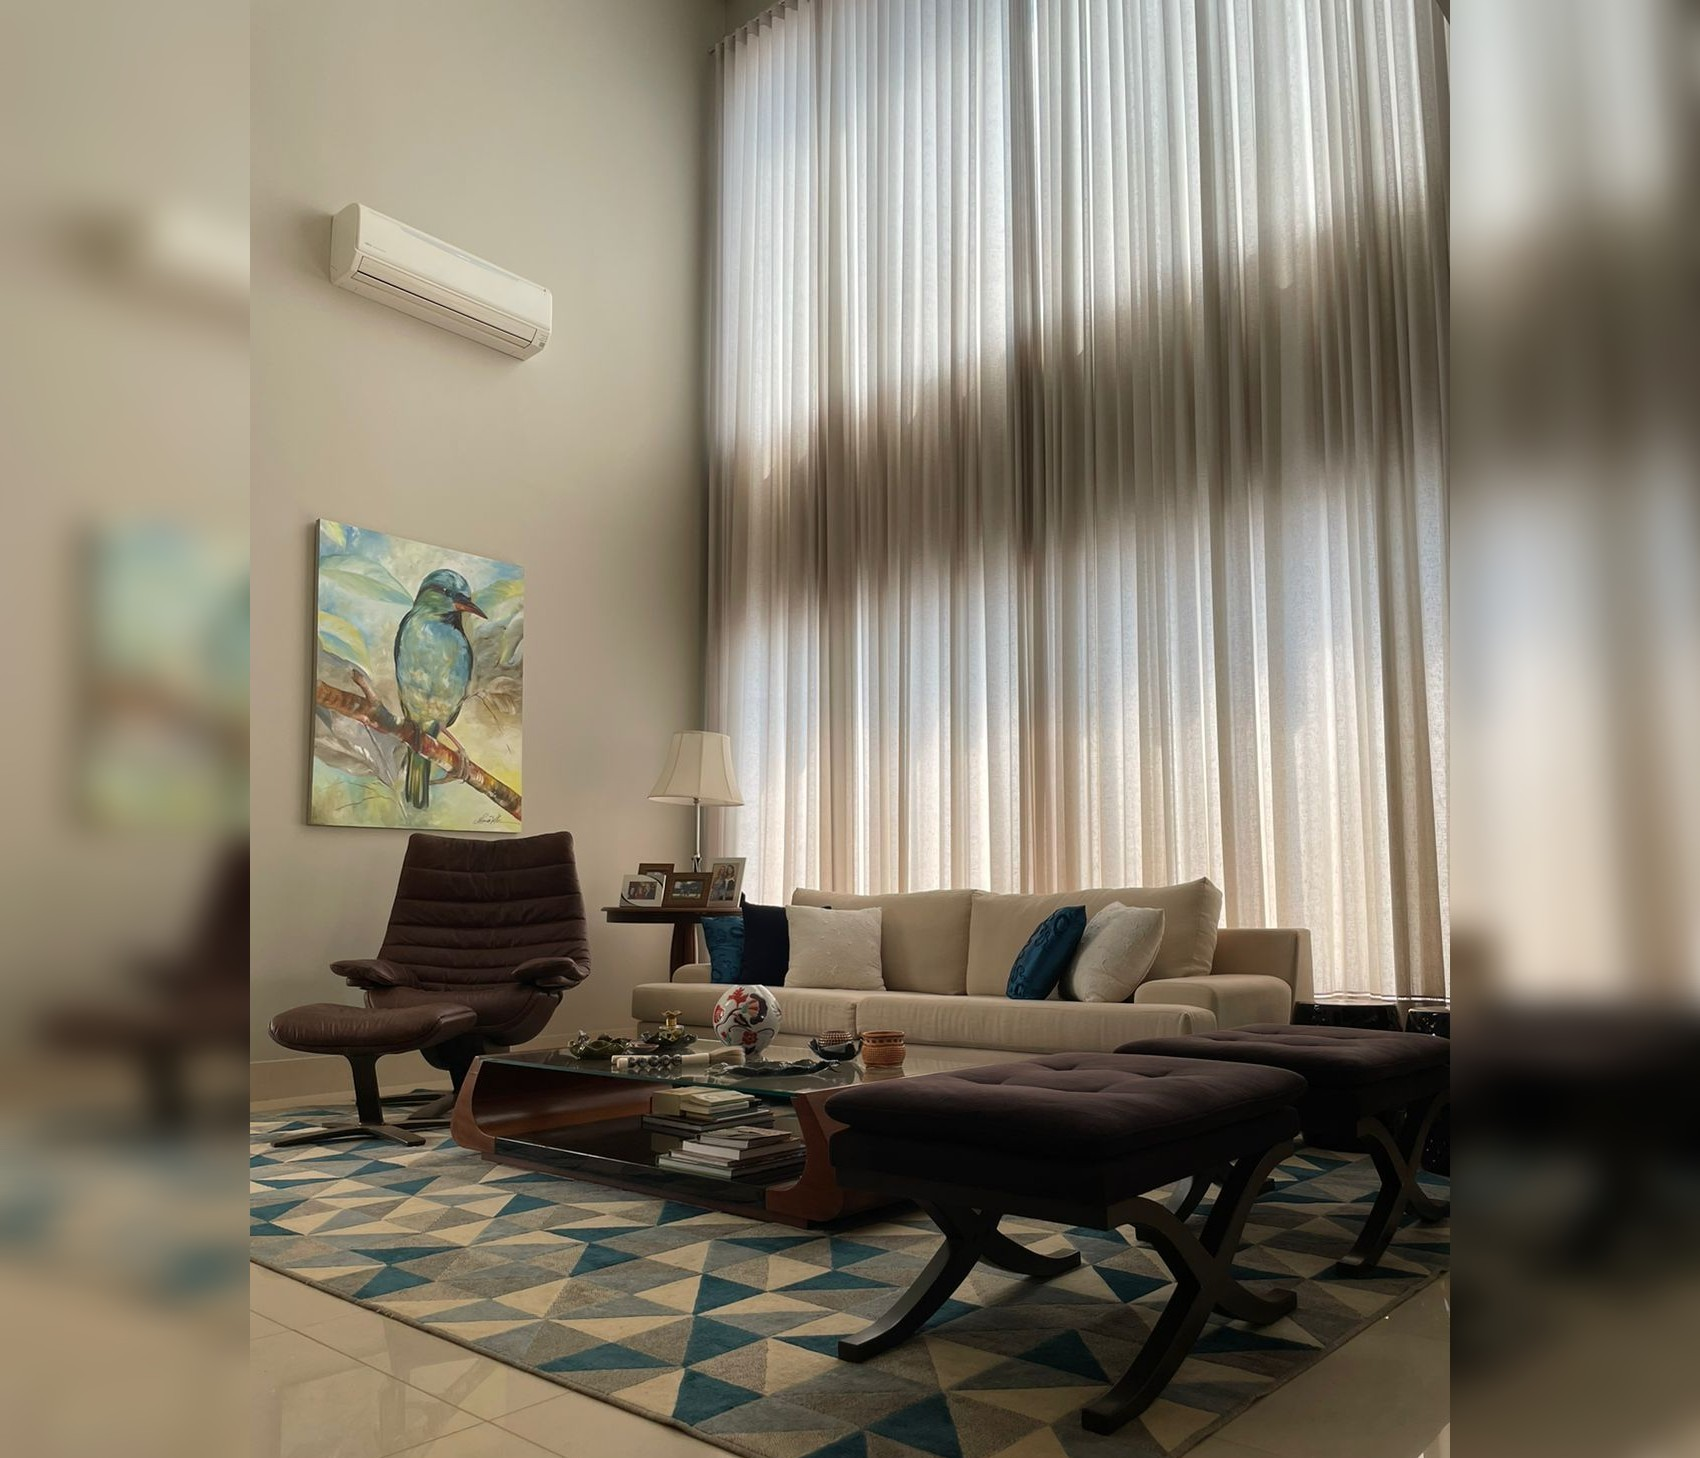 Arquiteta dá dicas de como tornar a casa mais fresca sem usar ar-condicionado